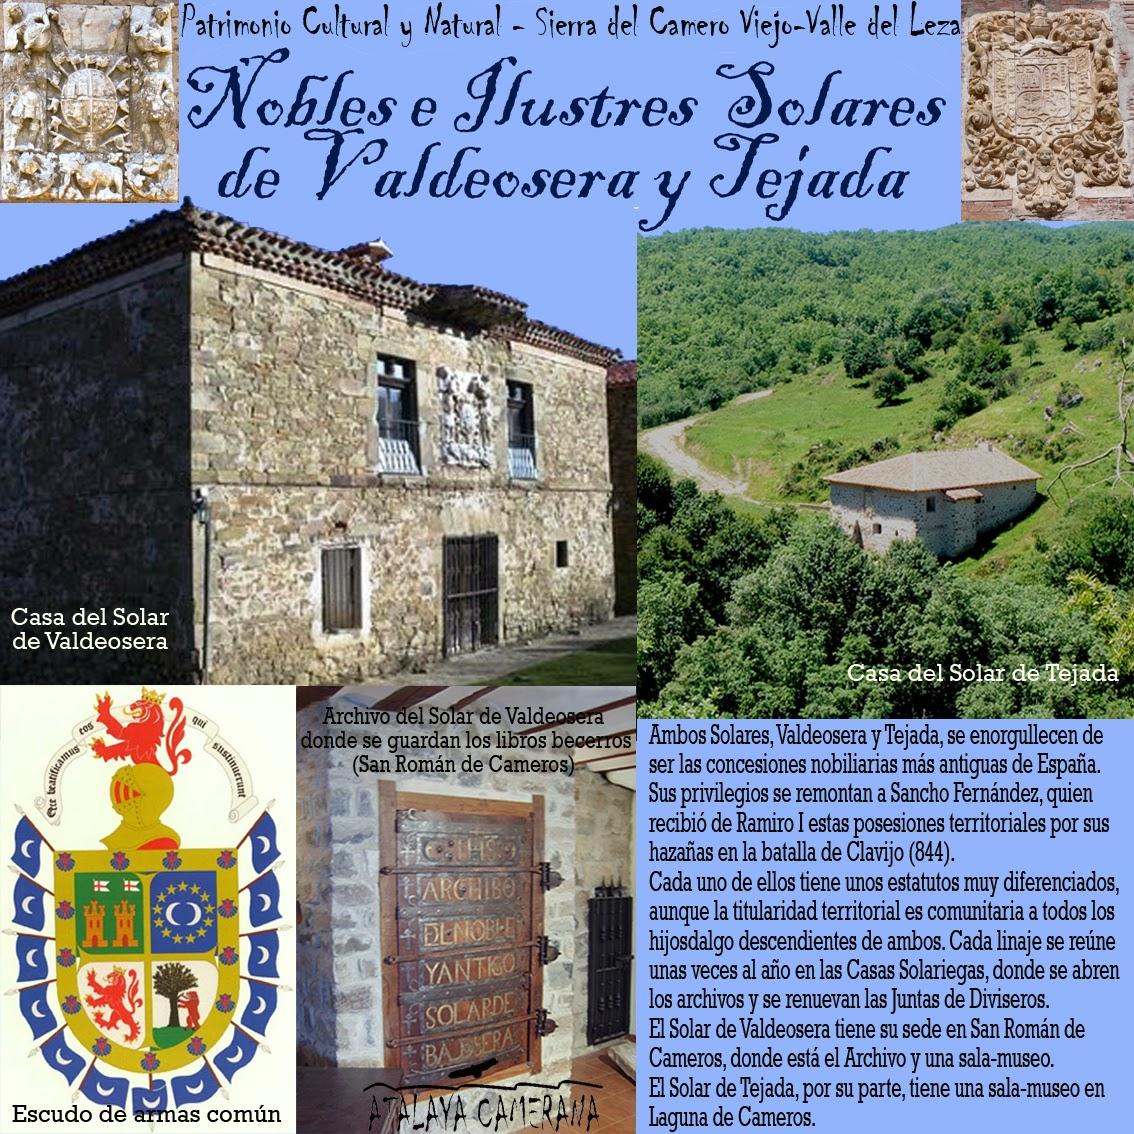 Sierra del Camero Viejo: Patrimonio Cultural y Natural. Nobles e Ilustres Solares de Tejada y Valdeosera.